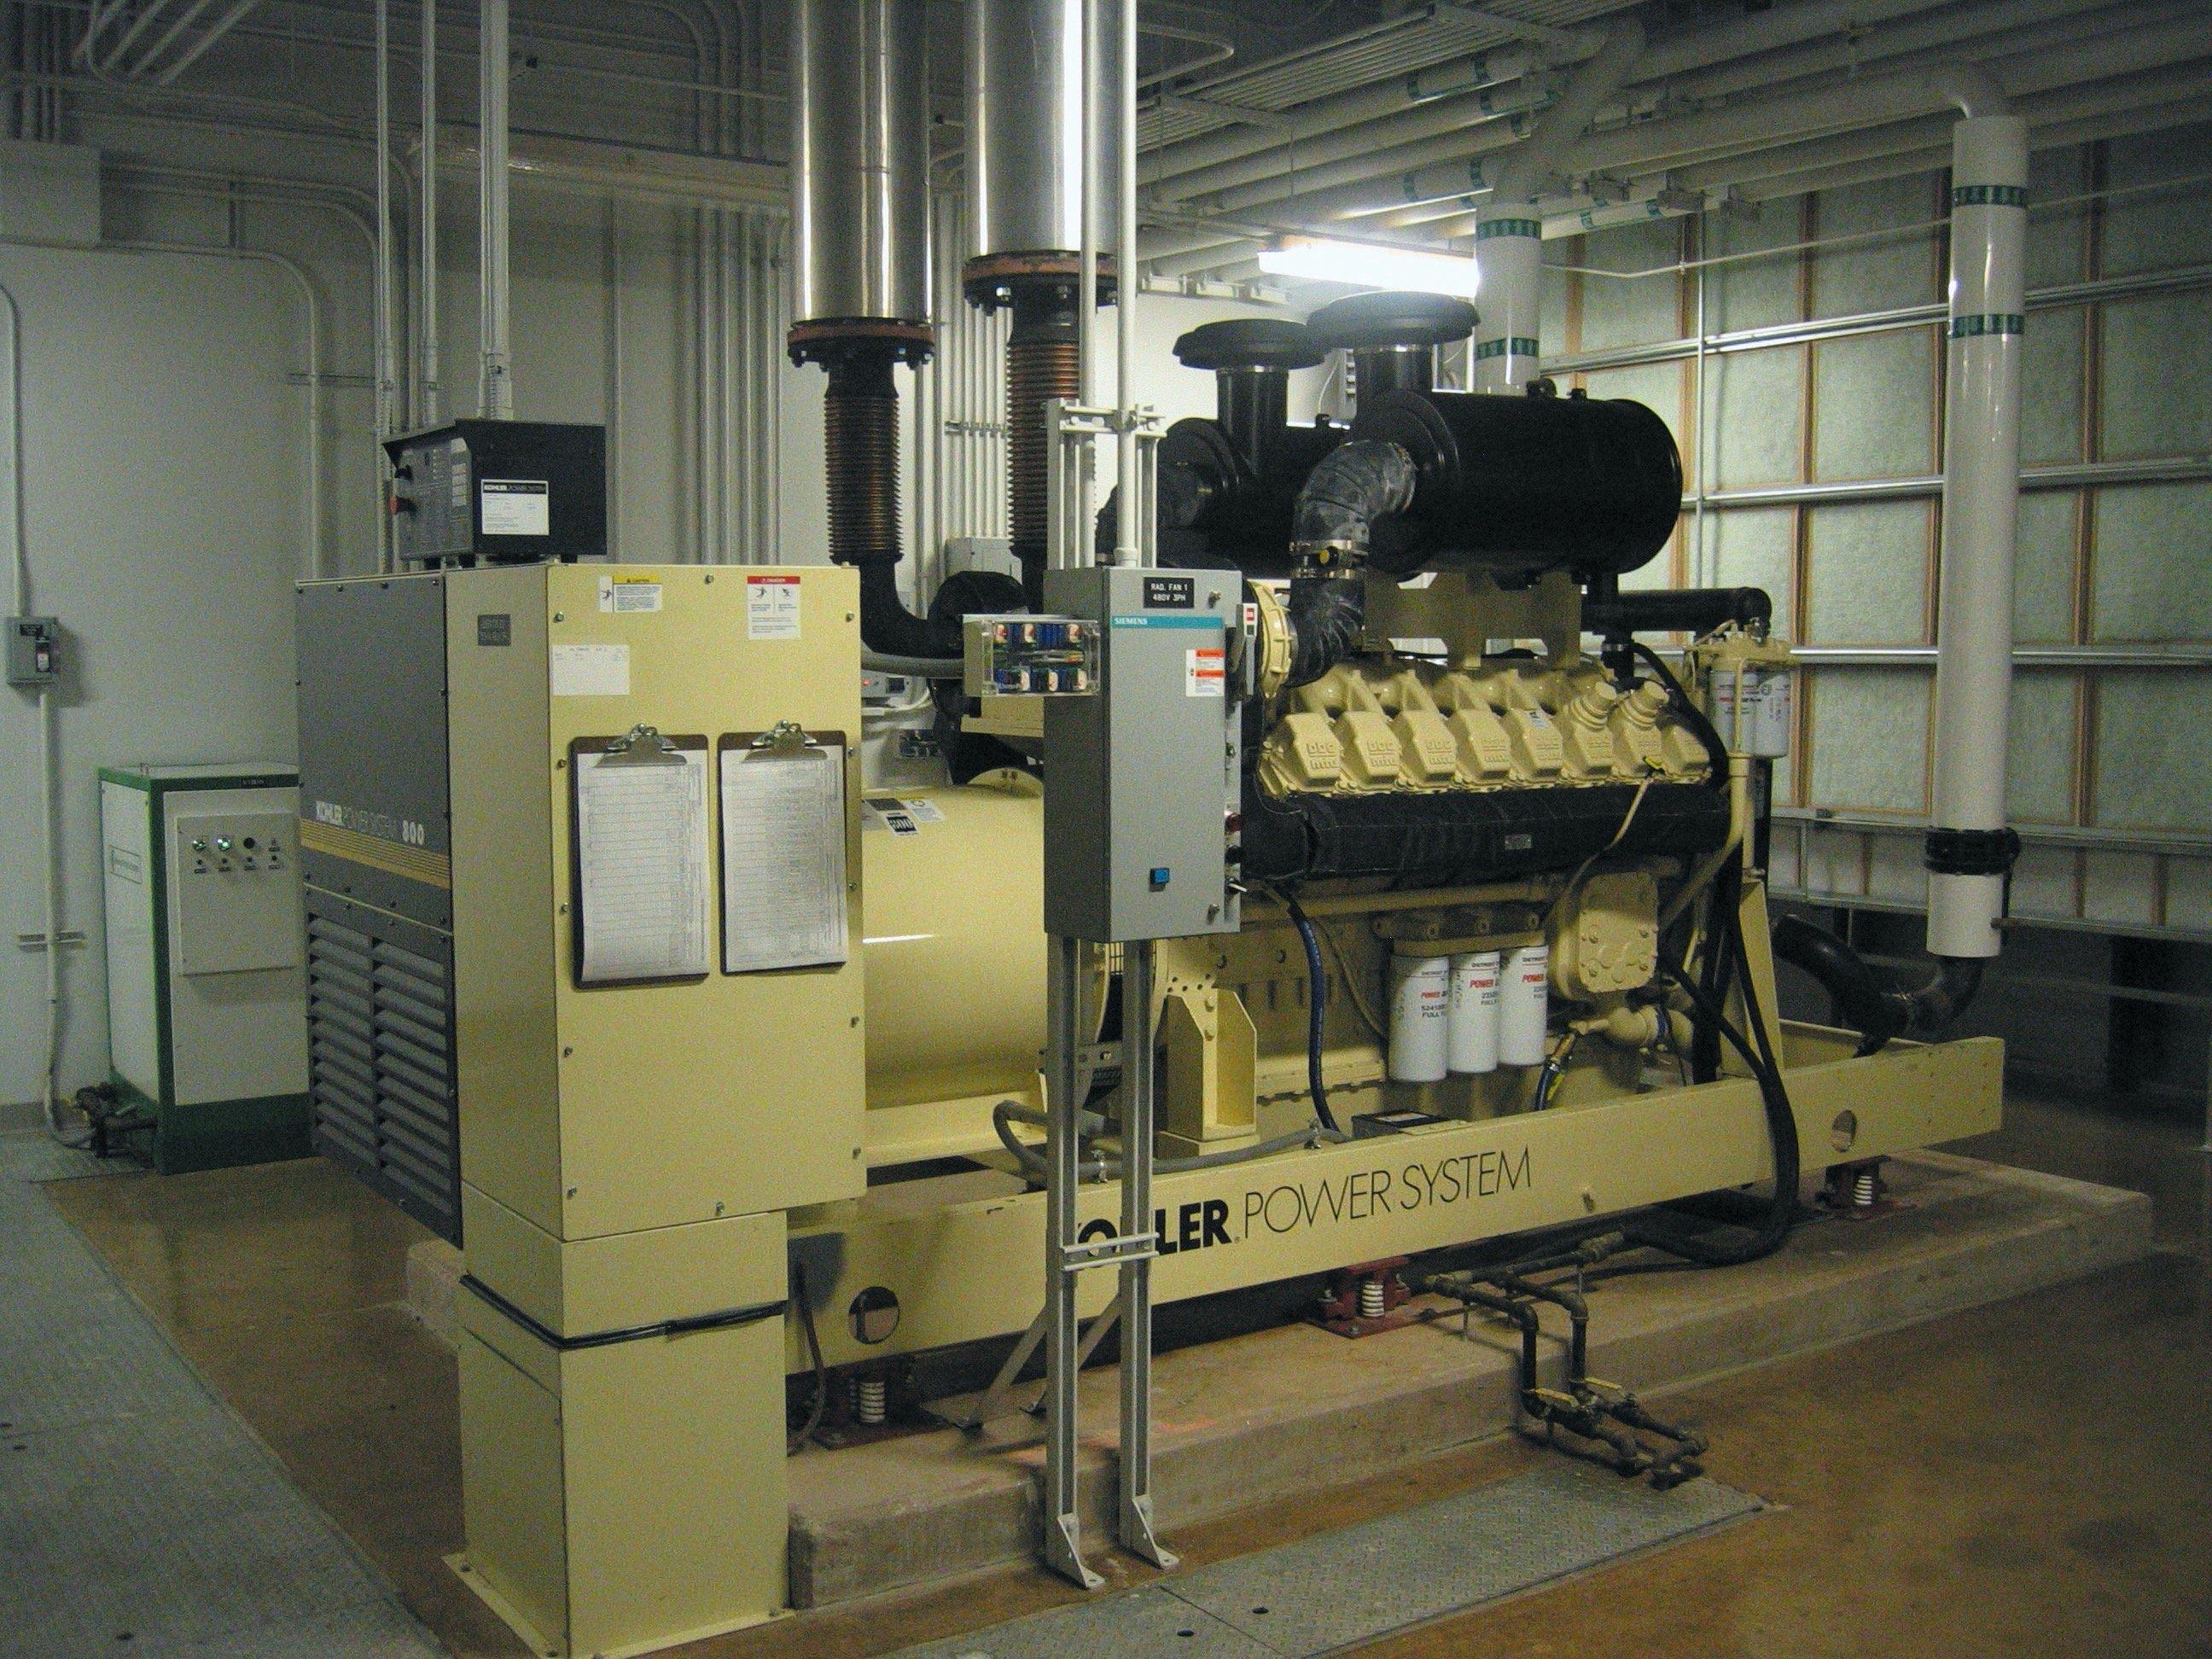 DieselGeneratorProcessed